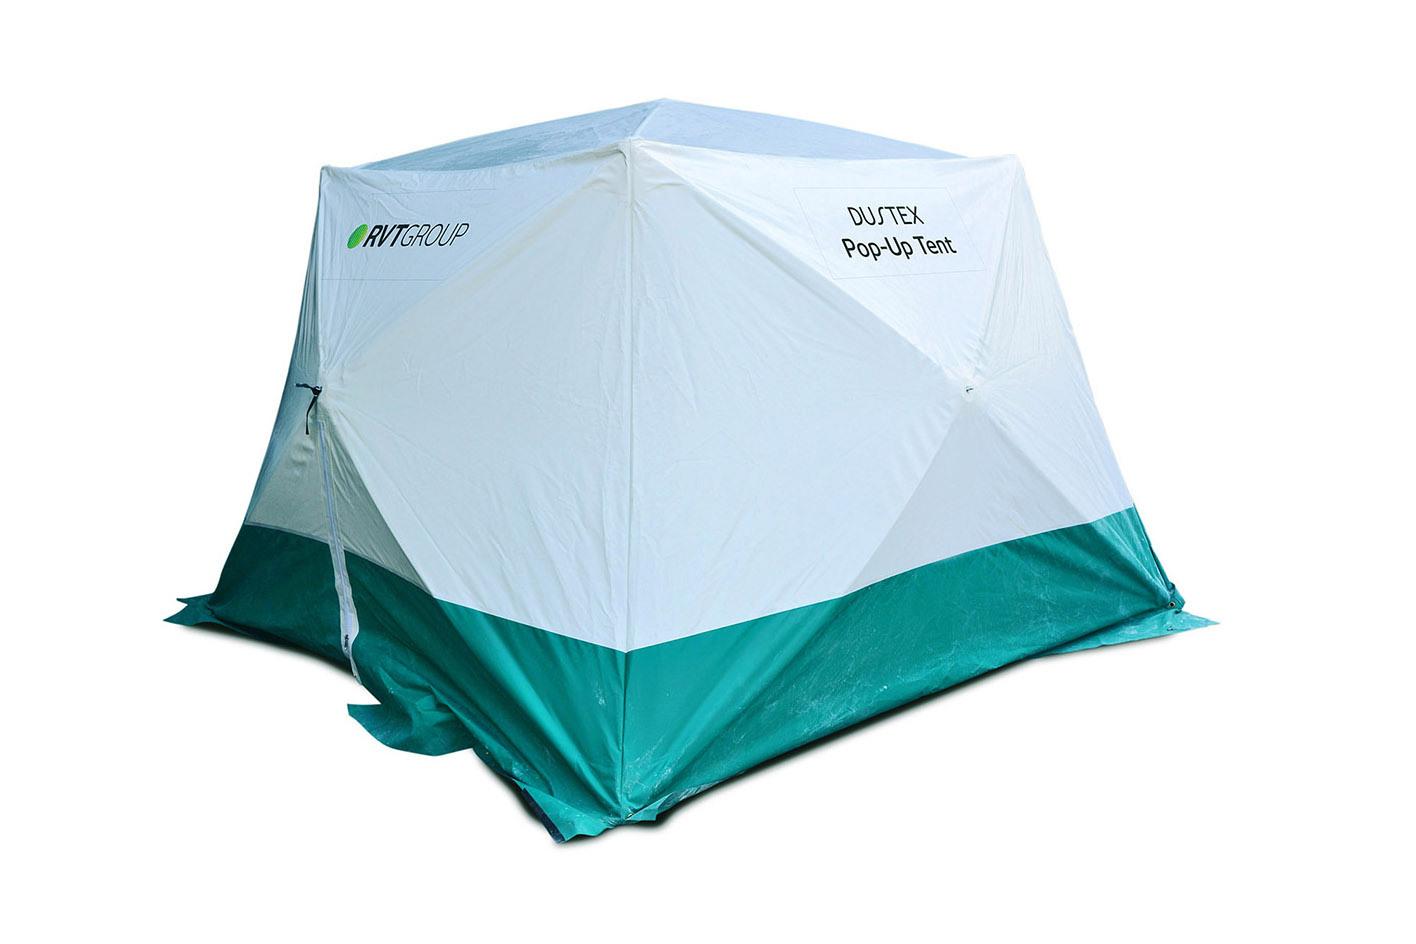 Dustex Pop up Tent